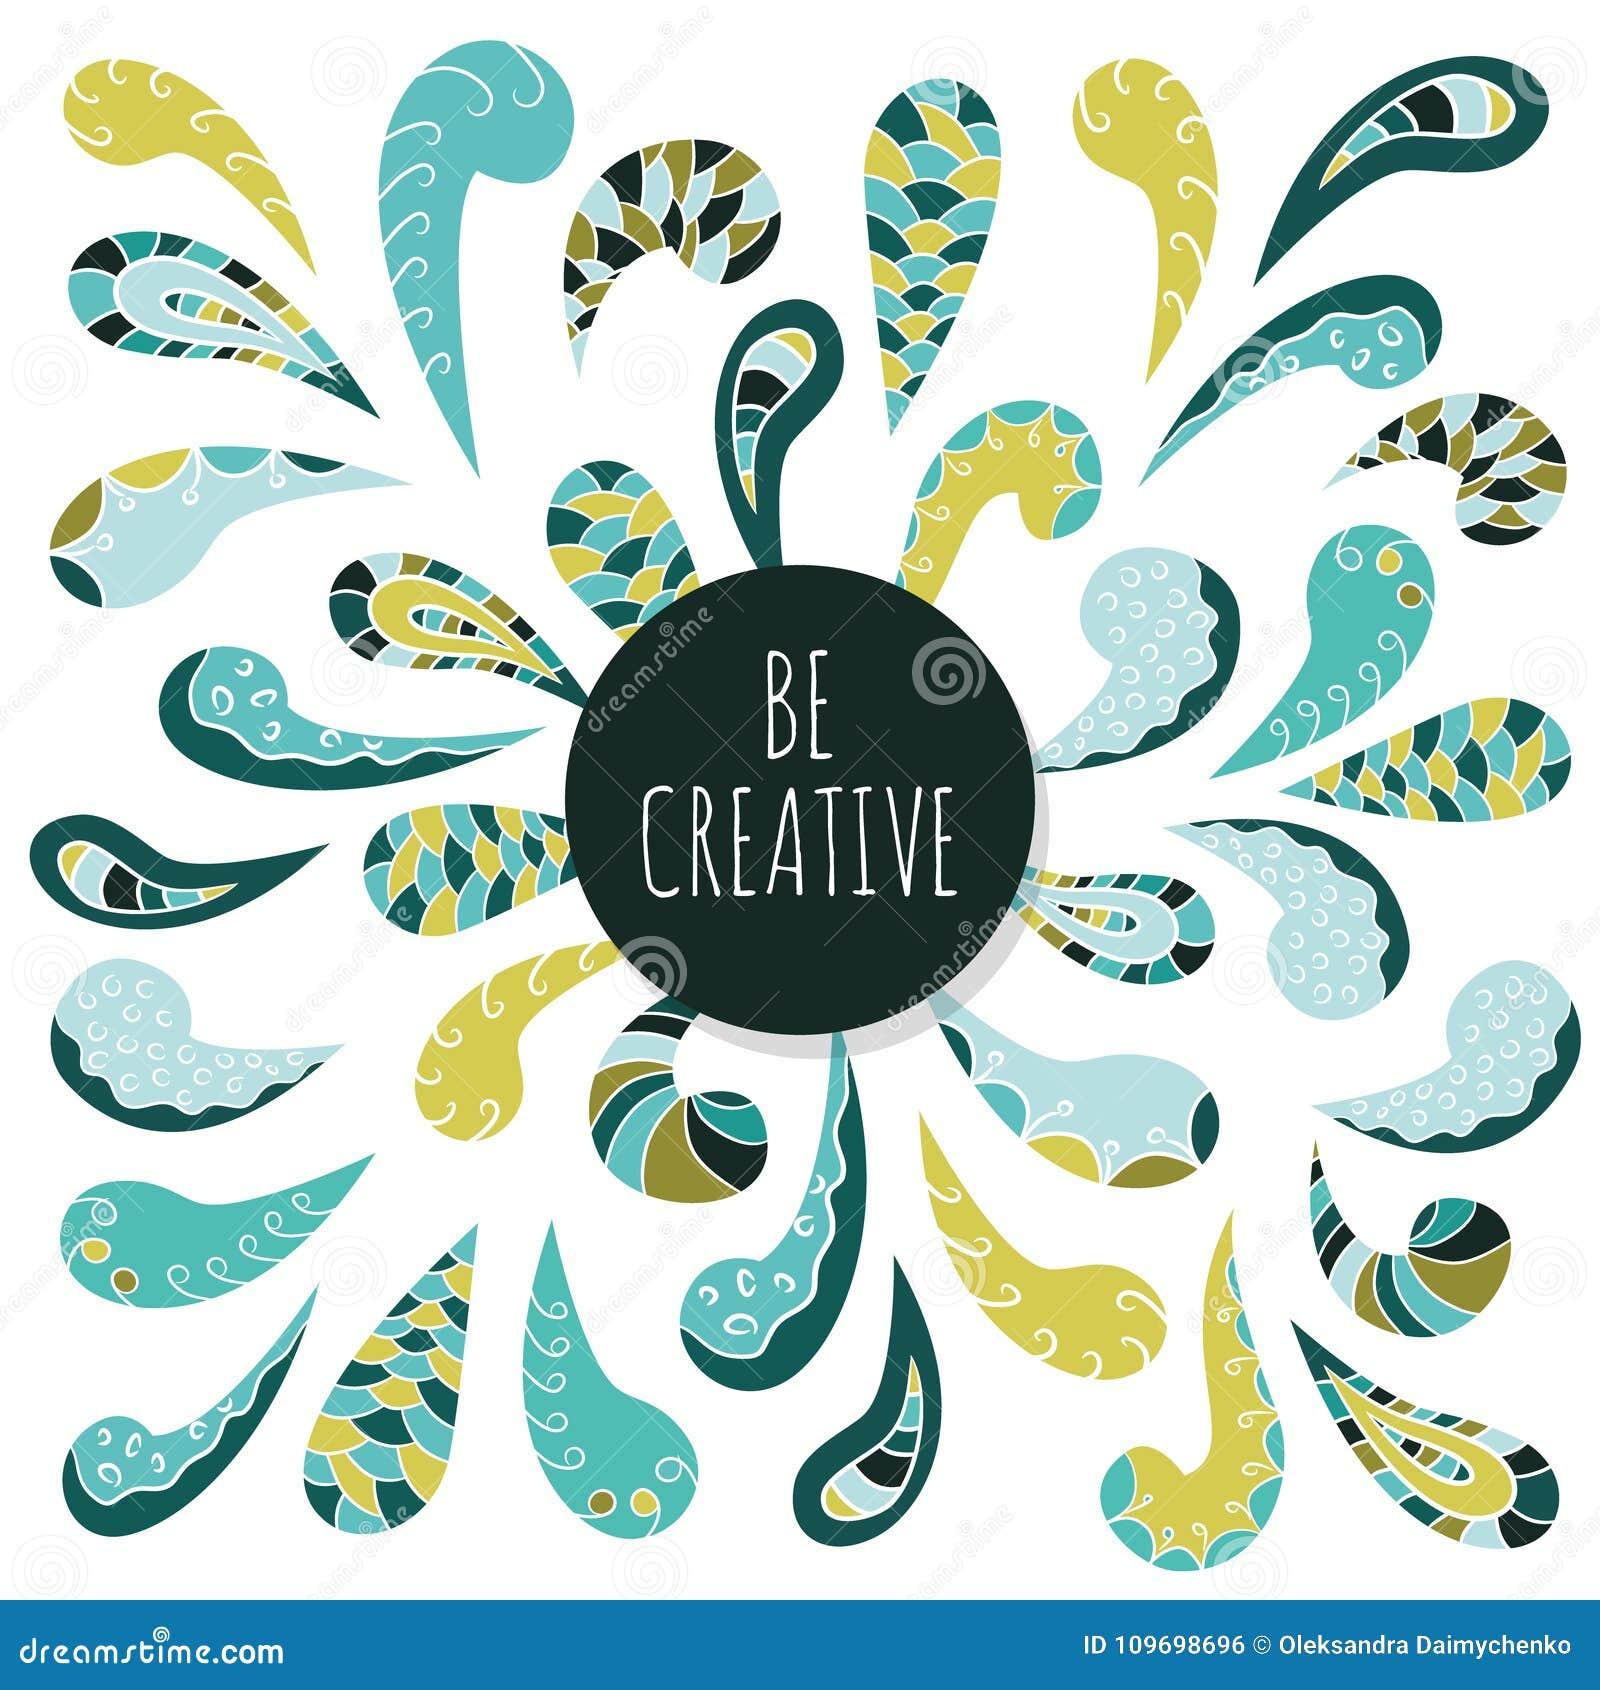 Dekoratives Verzierungsdesign des Gekritzels Seien Sie kreativ Inspirierend Plakatschablone